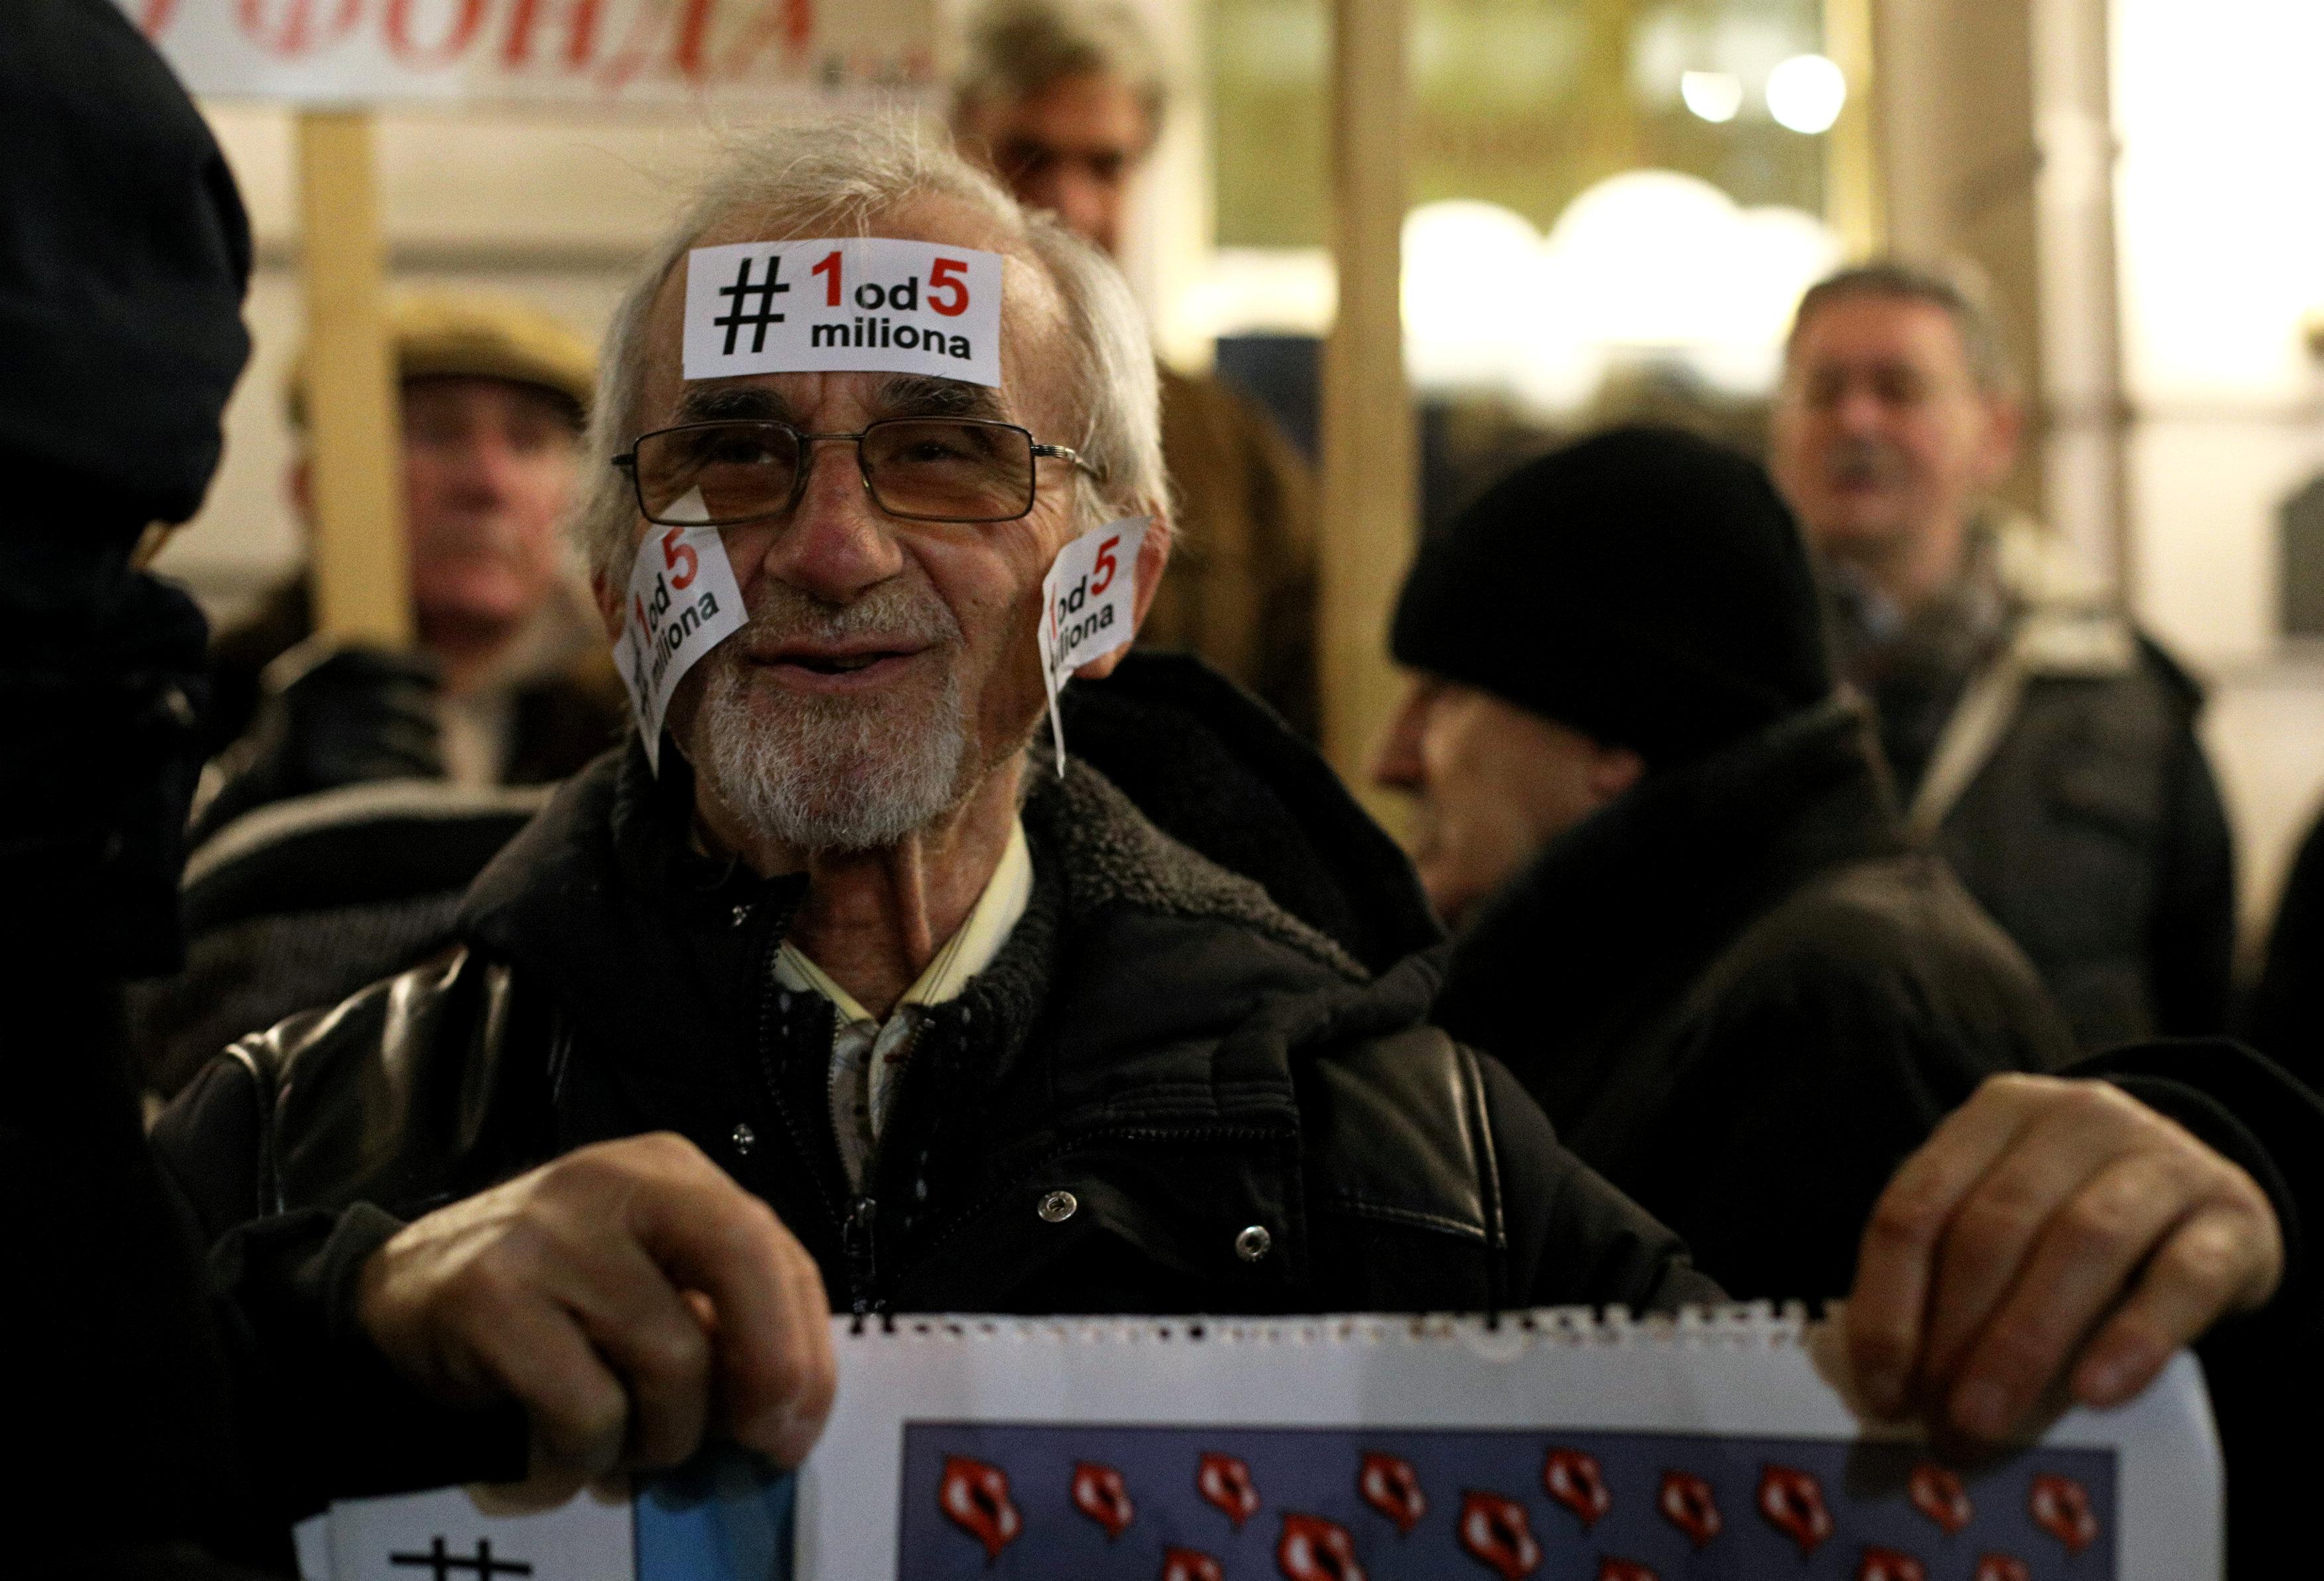 الاحتجاجات الحاشدة ضد الرئيس الصربى فى شوارع بلجراد (4)